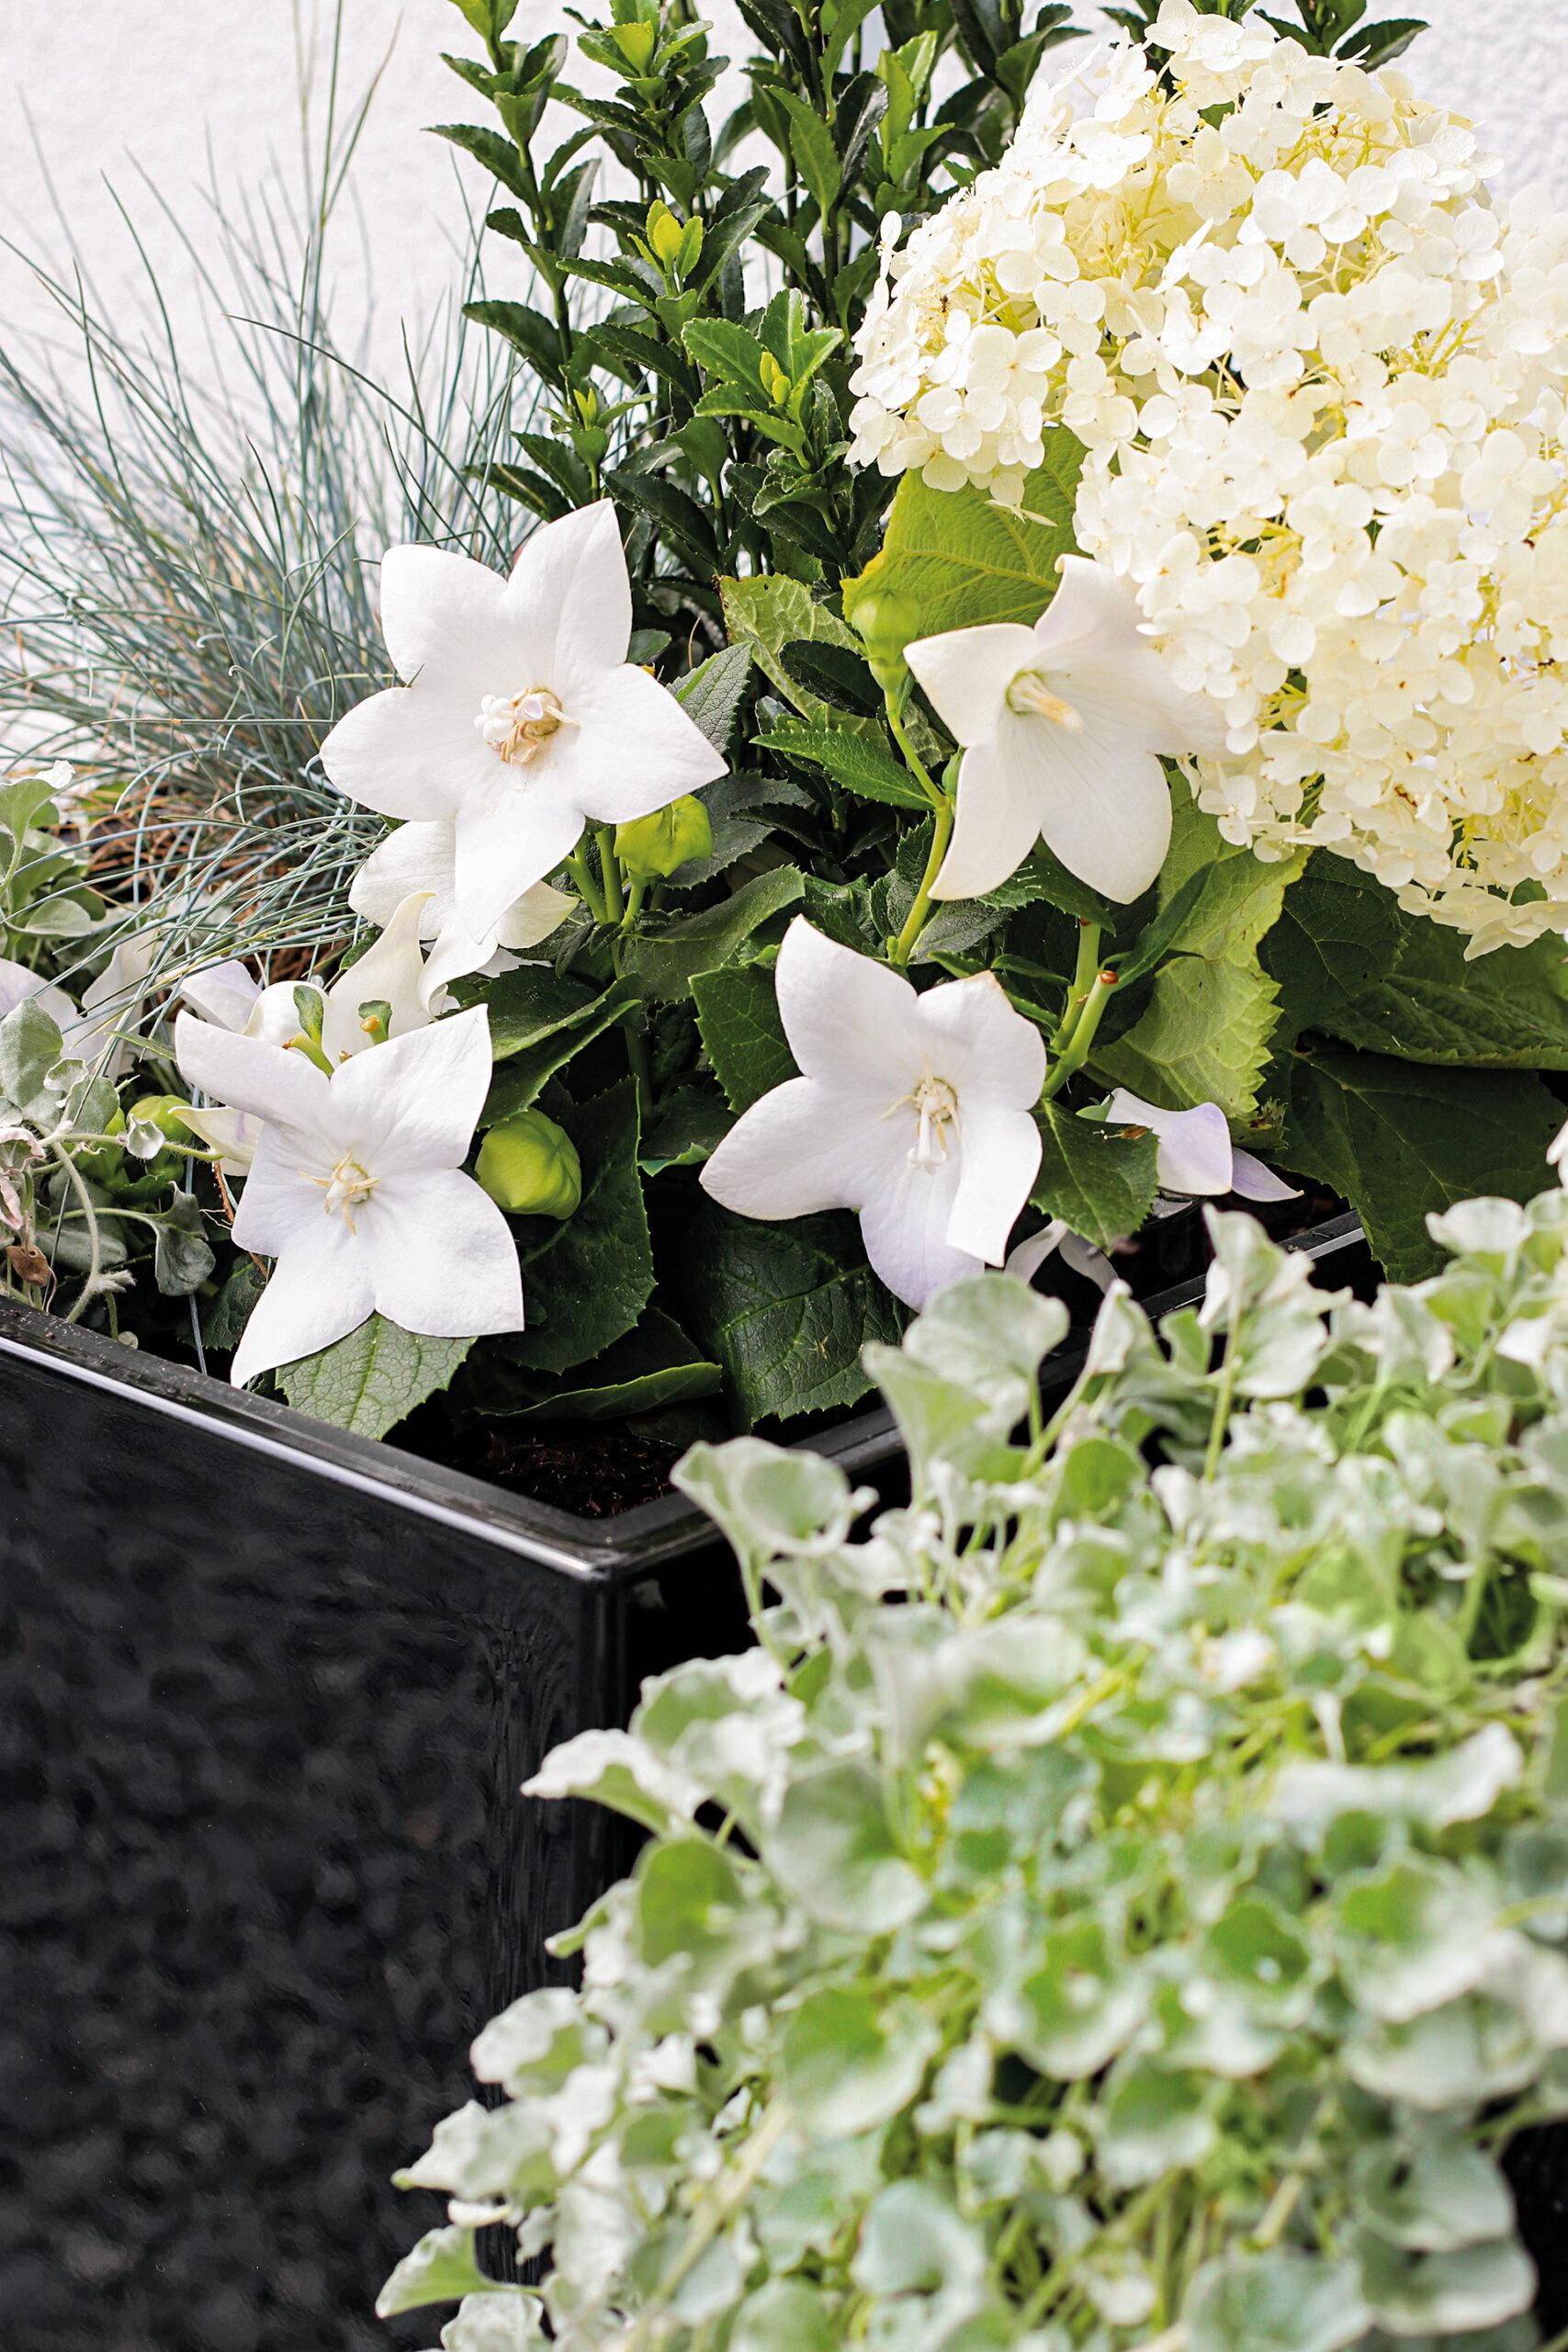 Frisches Grün mit üppigen weißen Blüten betont die geometrischen Formen